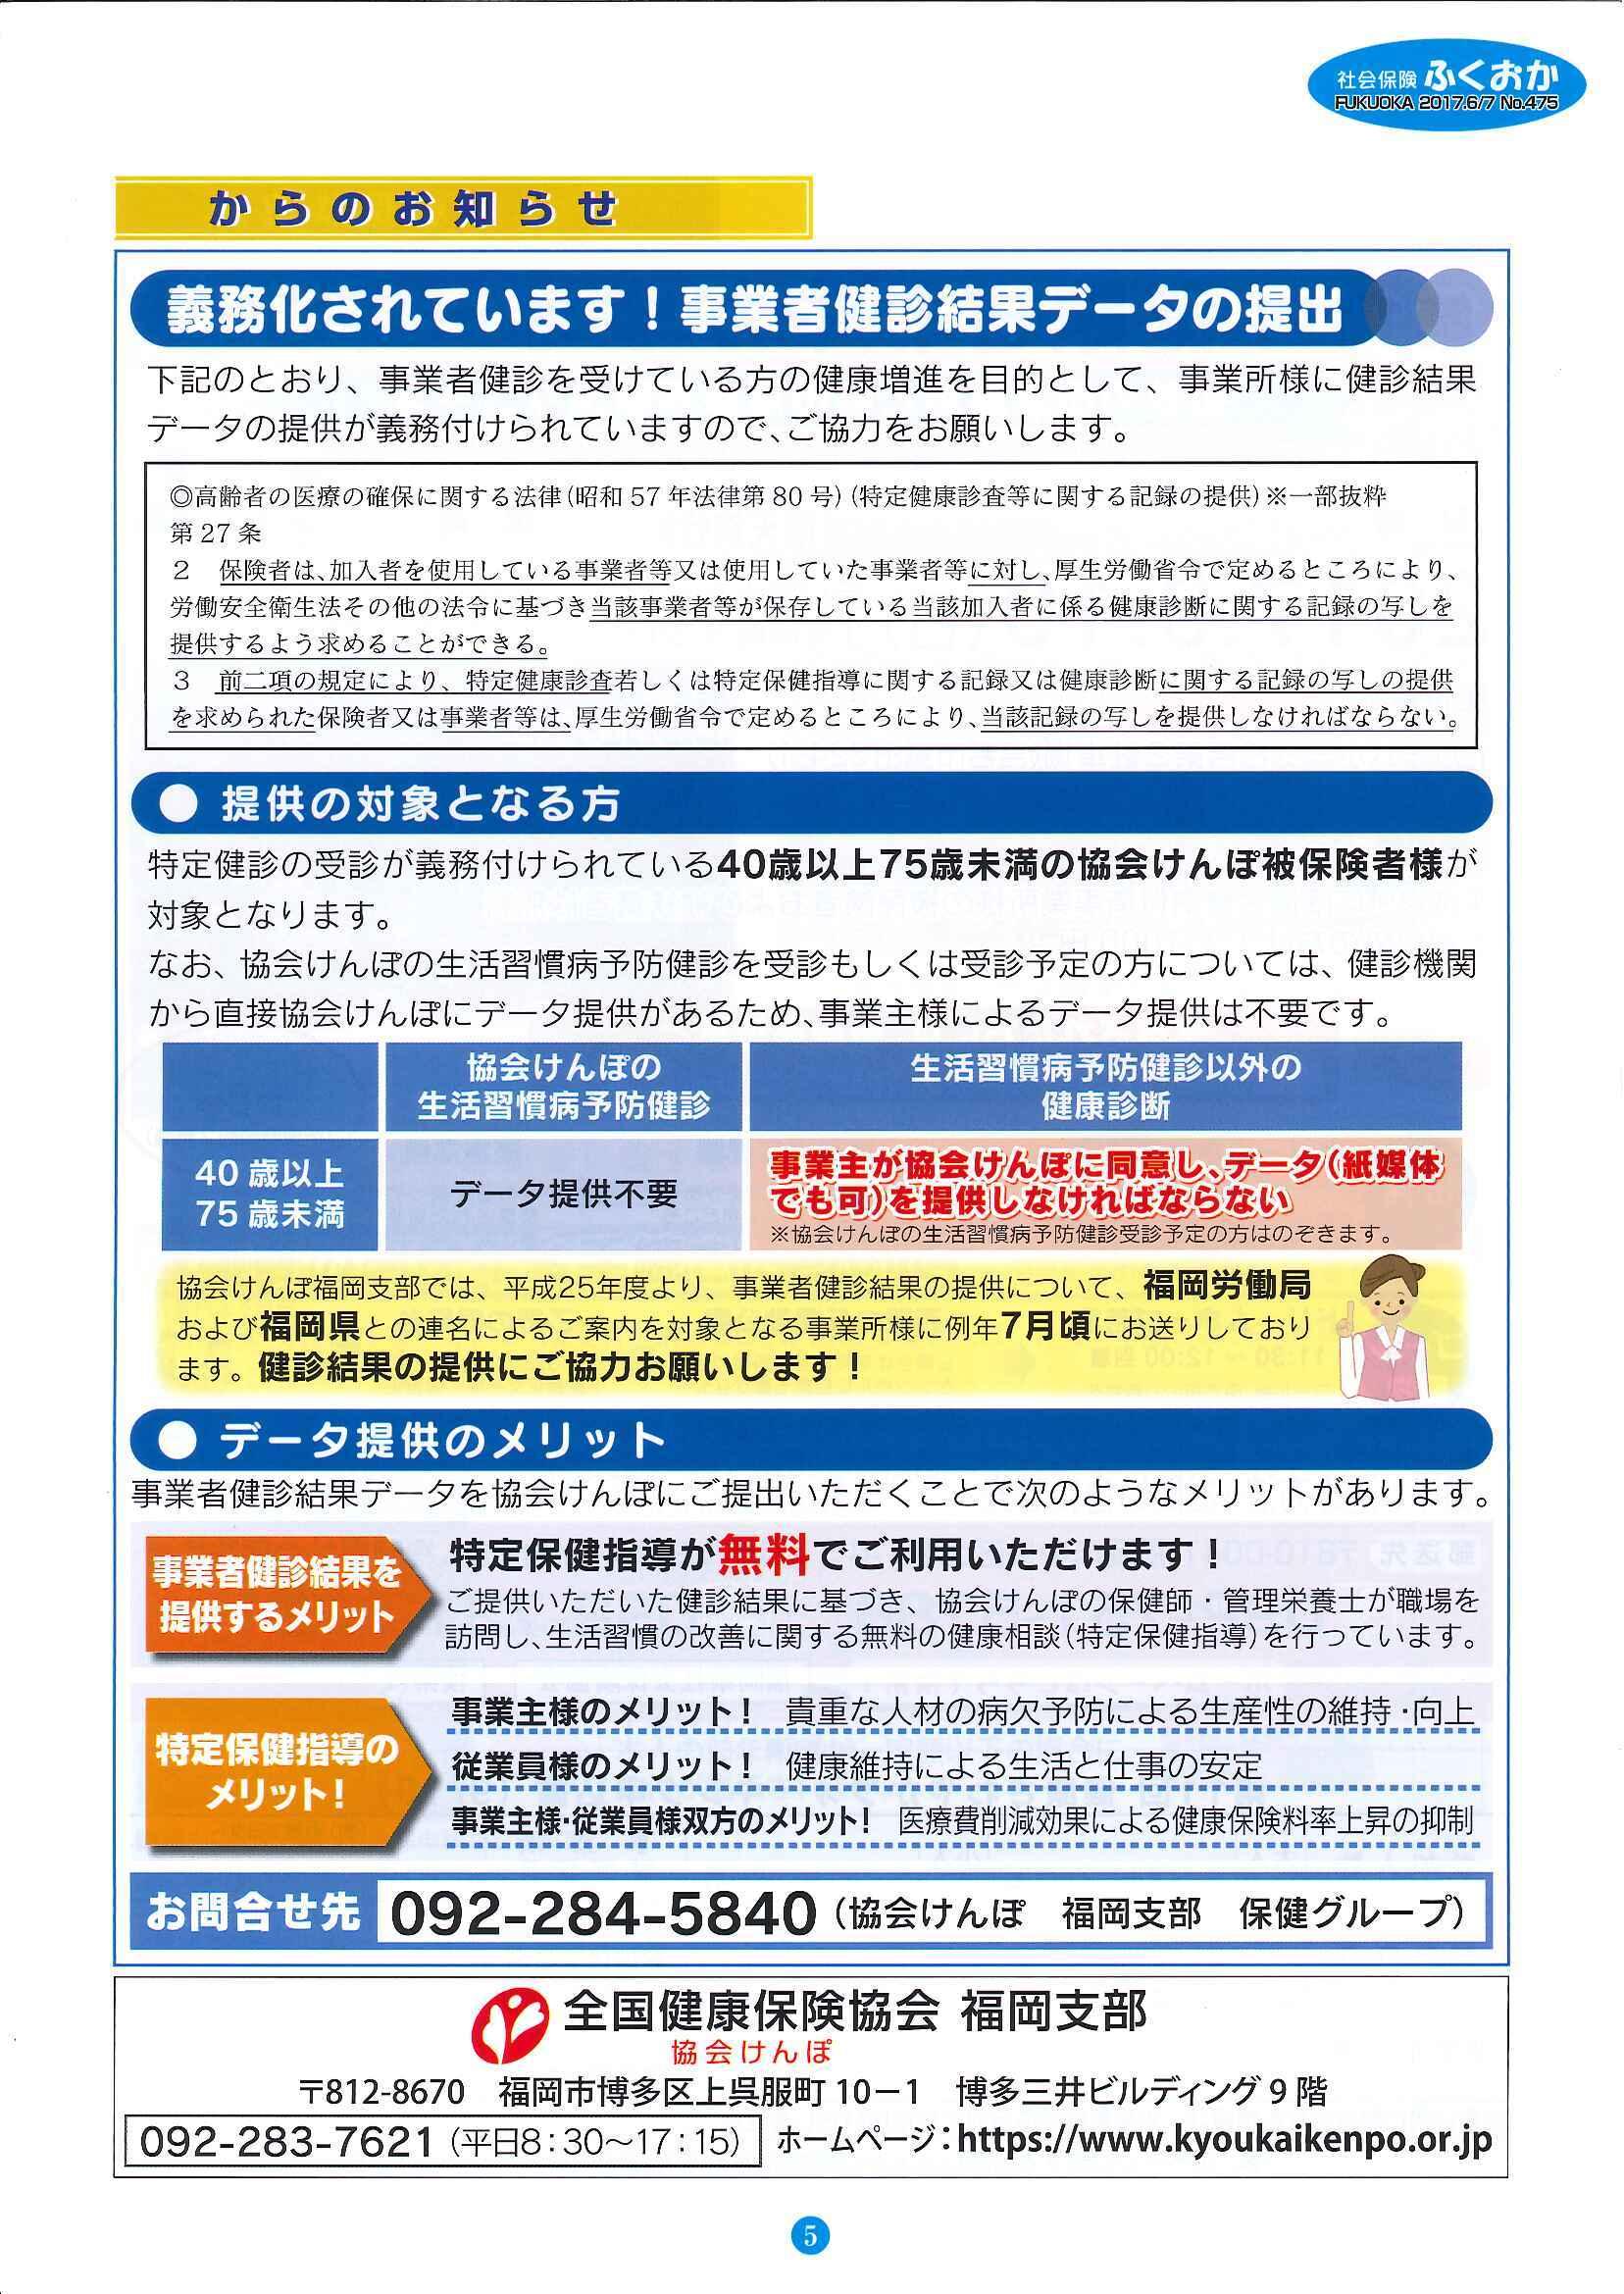 社会保険 ふくおか 2017年 6・7月号_f0120774_15012082.jpg